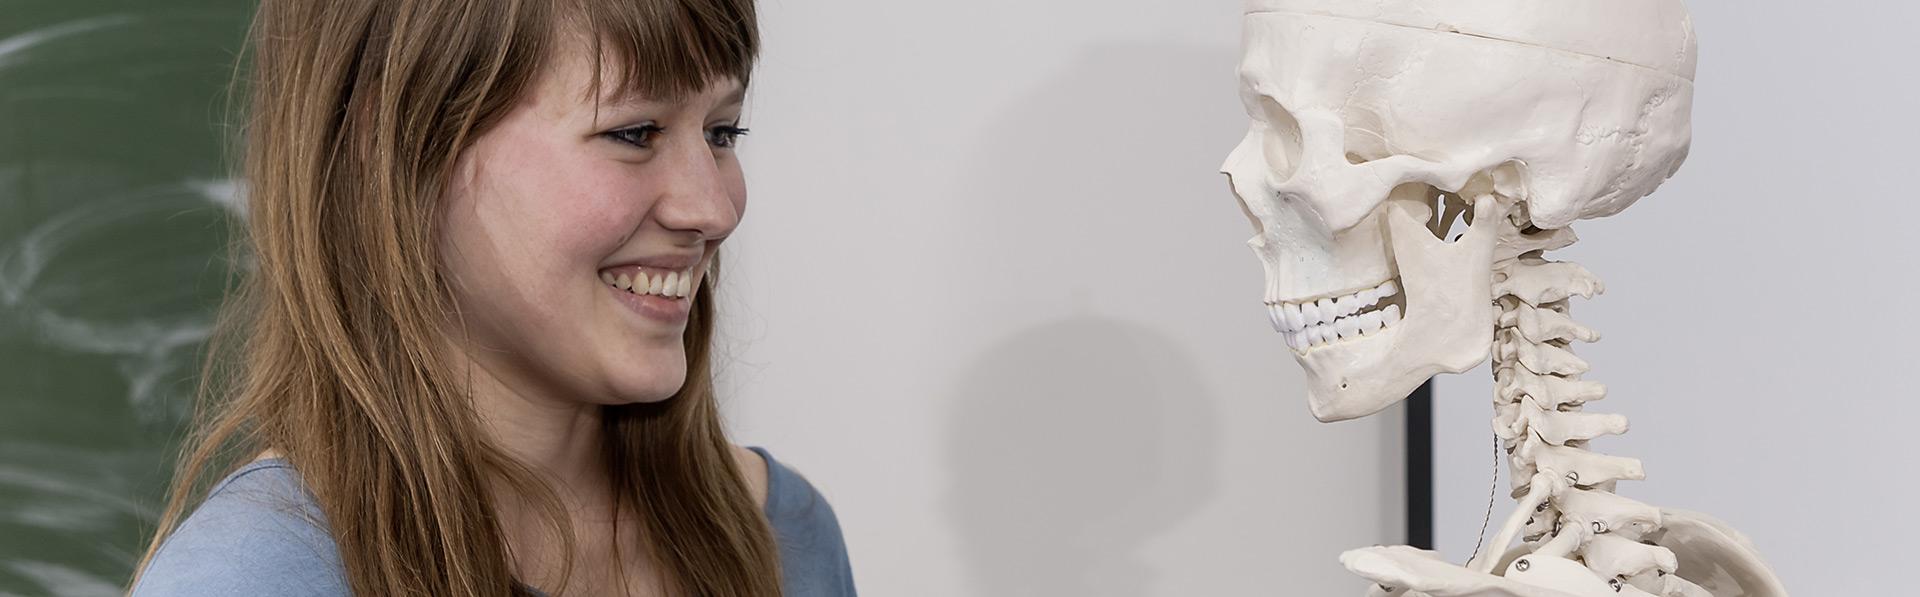 Bachelor Management im Gesundheitswesen: Studentin schaut Skelett in die Augen